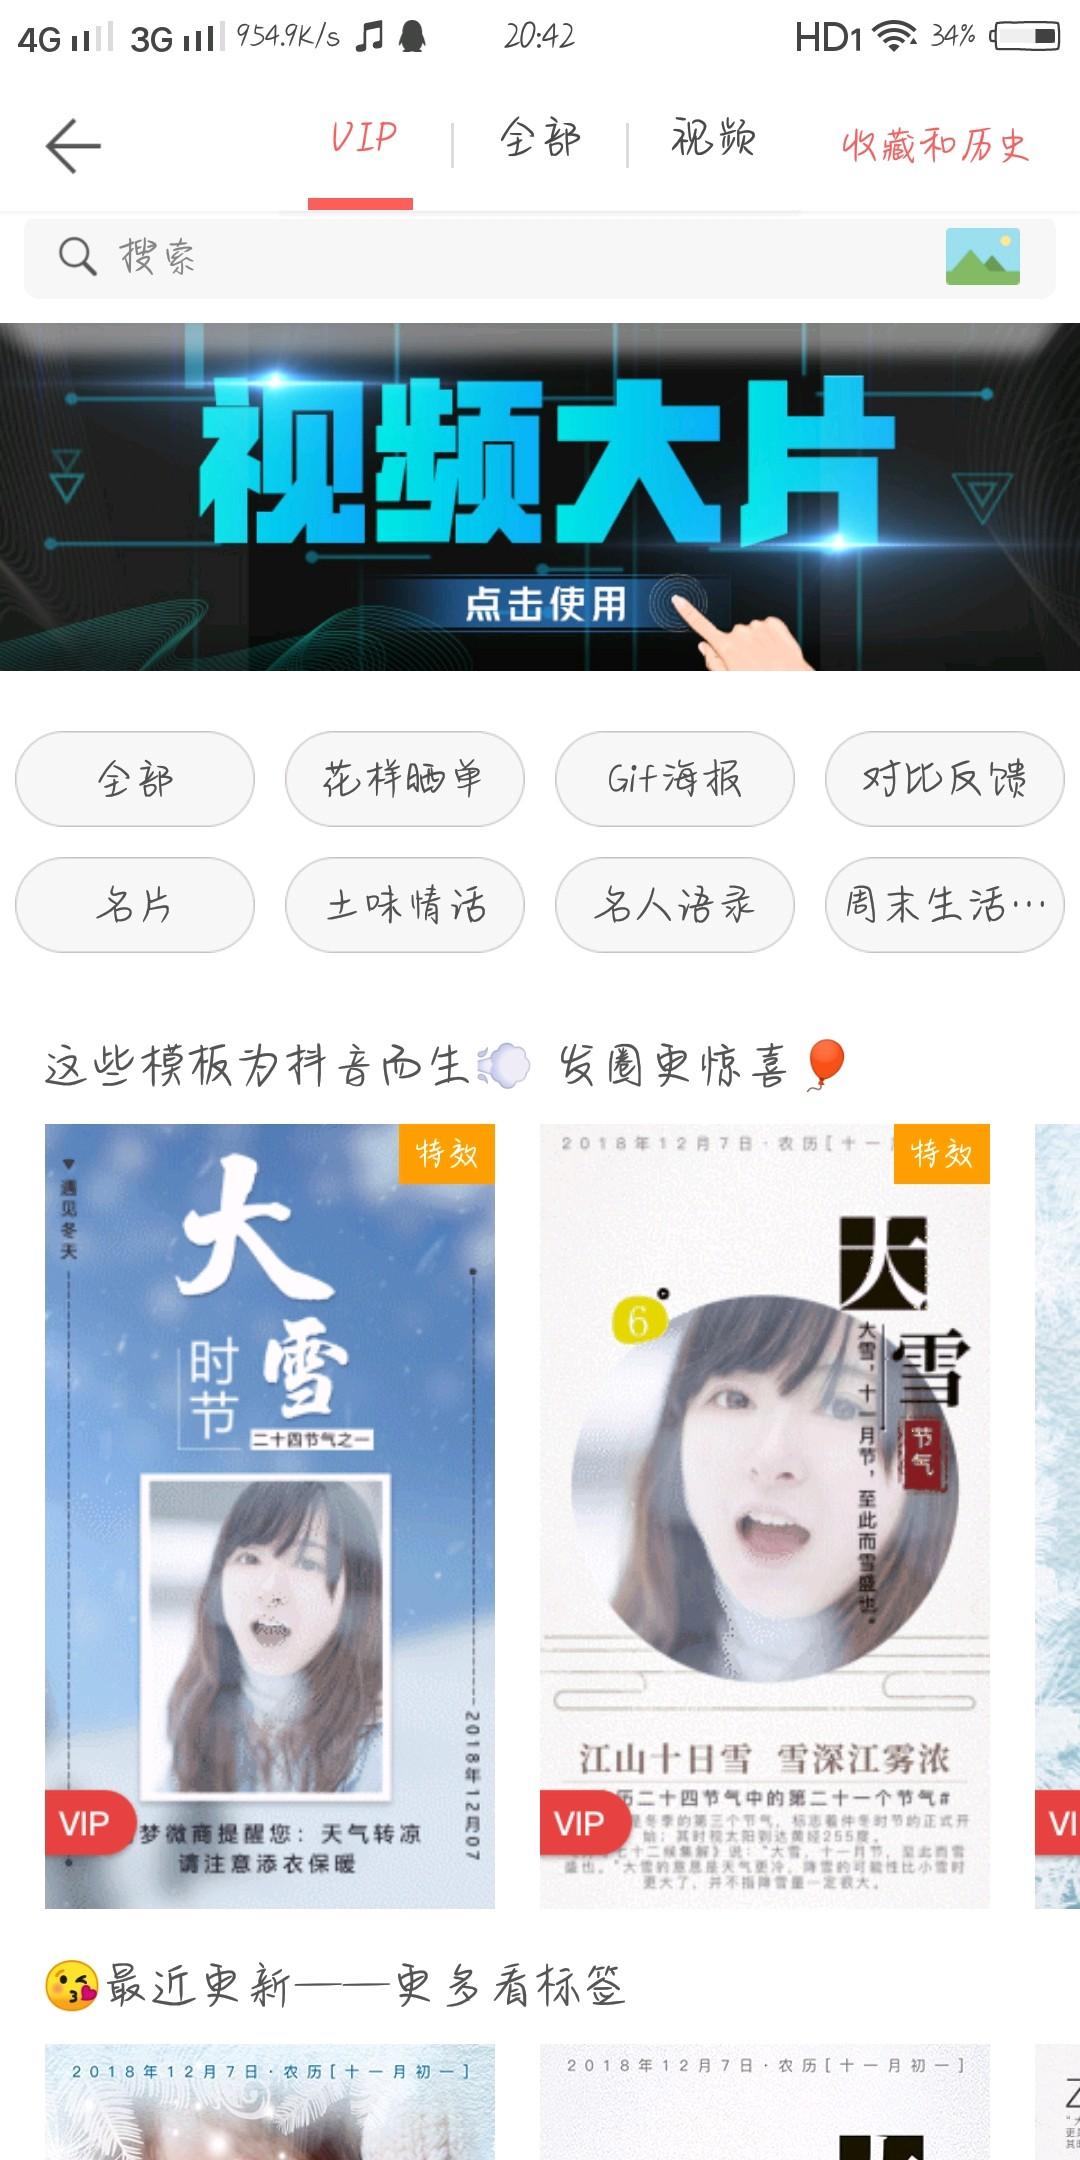 Screenshot_20181206_204233.jpg